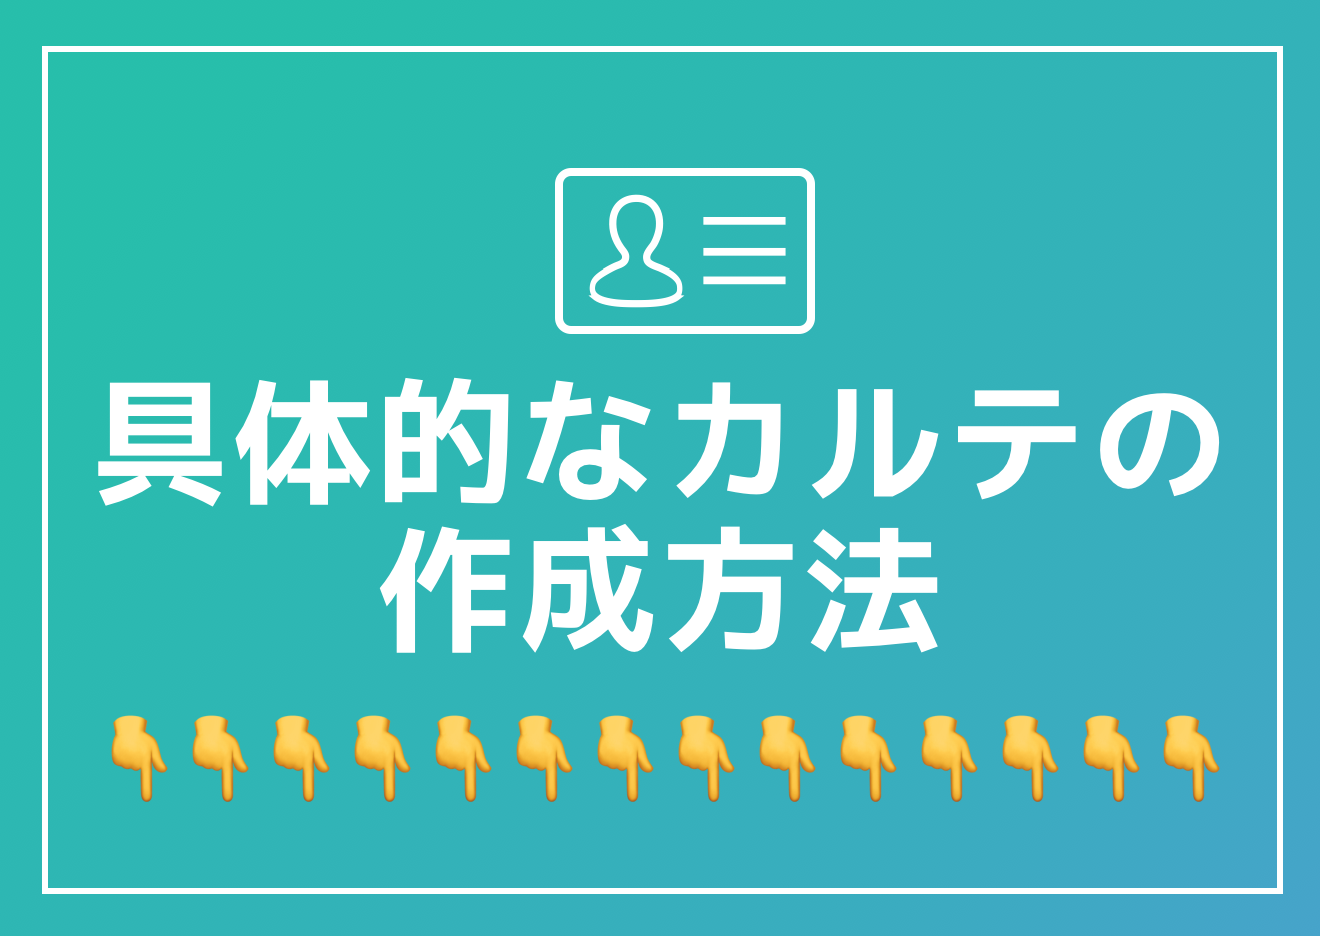 スクリーンショット 2019-12-25 13.46.16